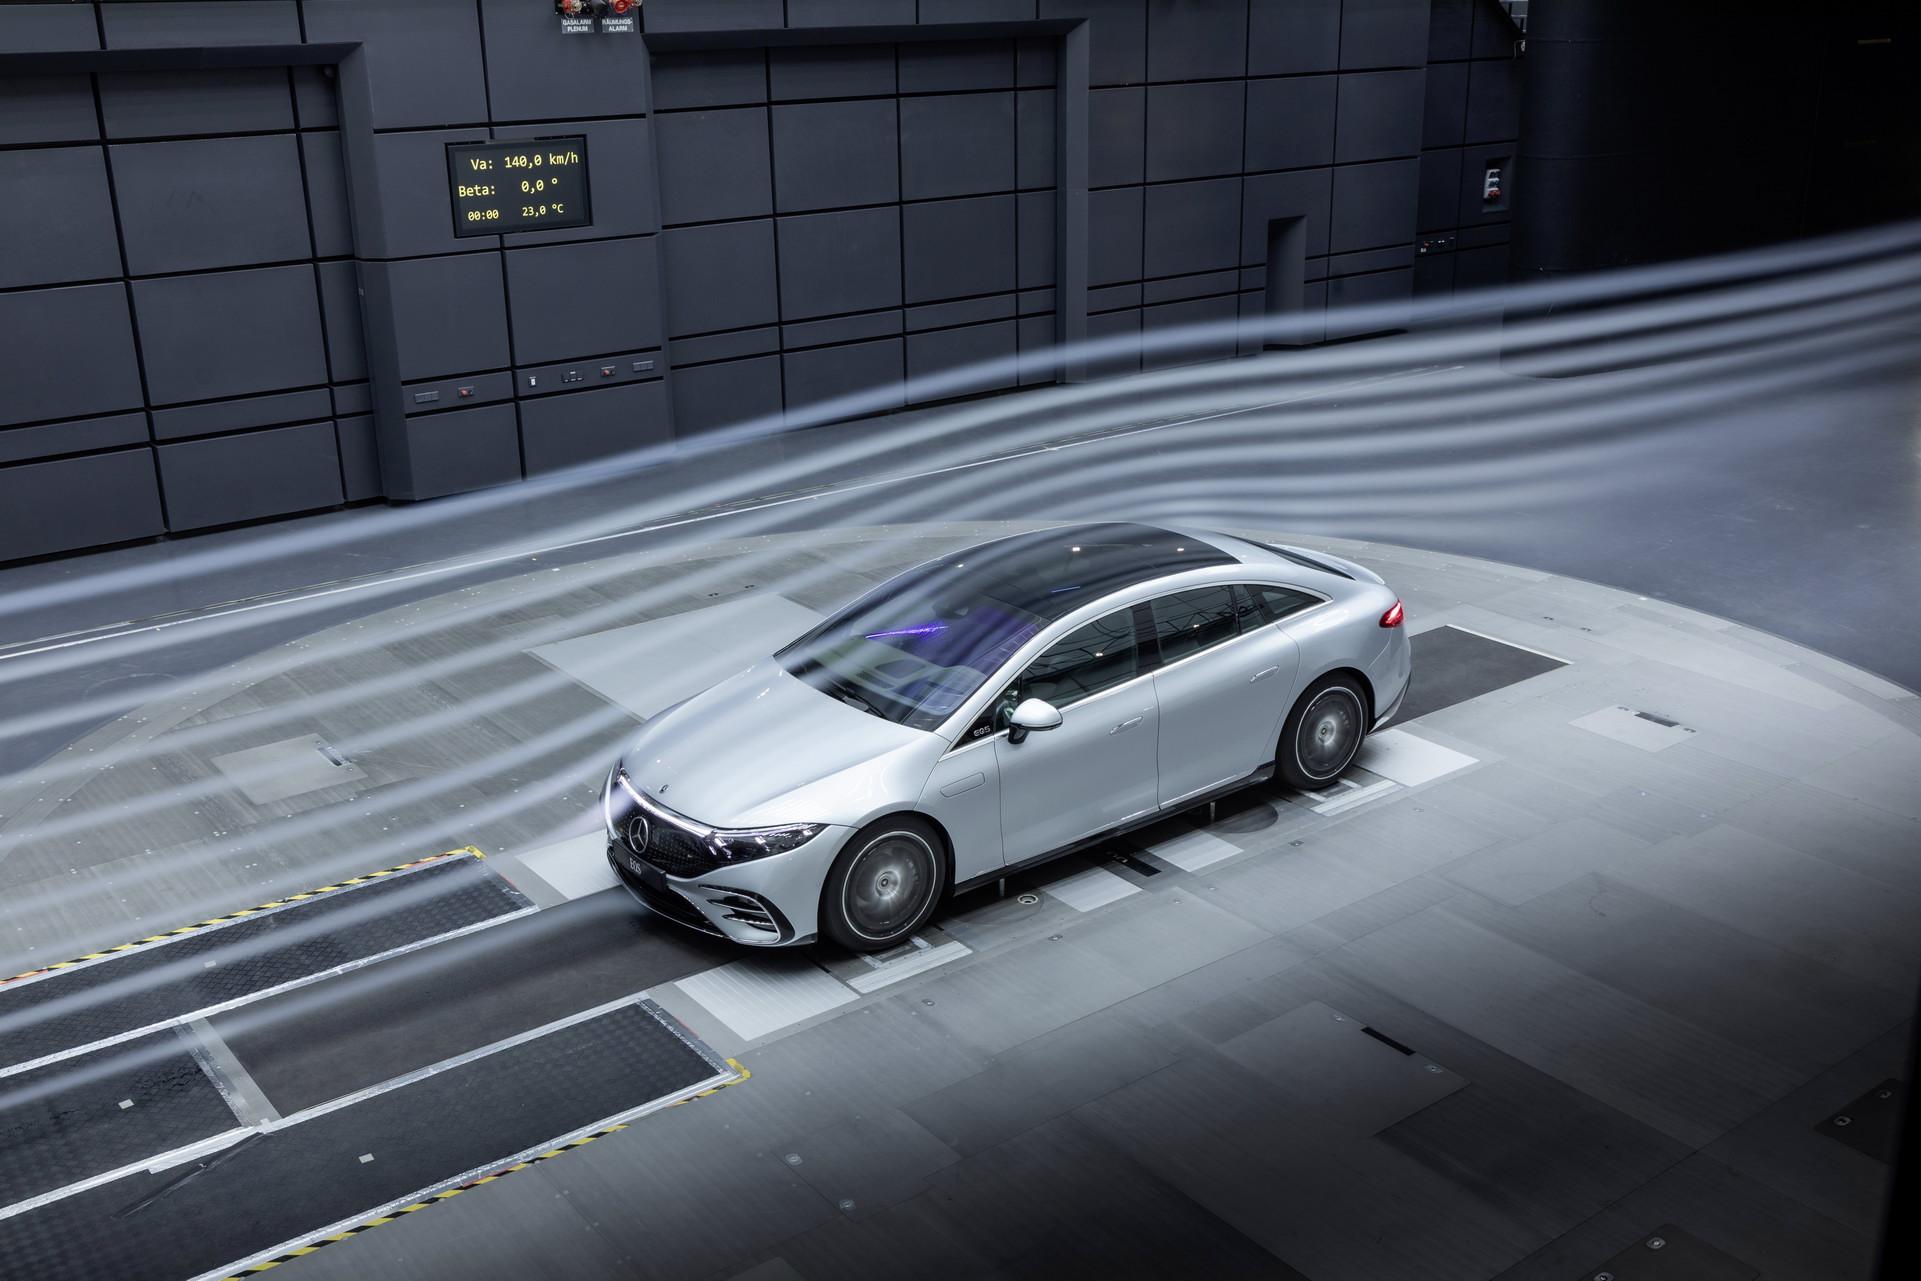 Siêu phẩm xe điện Mercedes-Benz EQS chính thức ra mắt: Tầm hoạt động 770 km, hiện đại như robot - Ảnh 7.